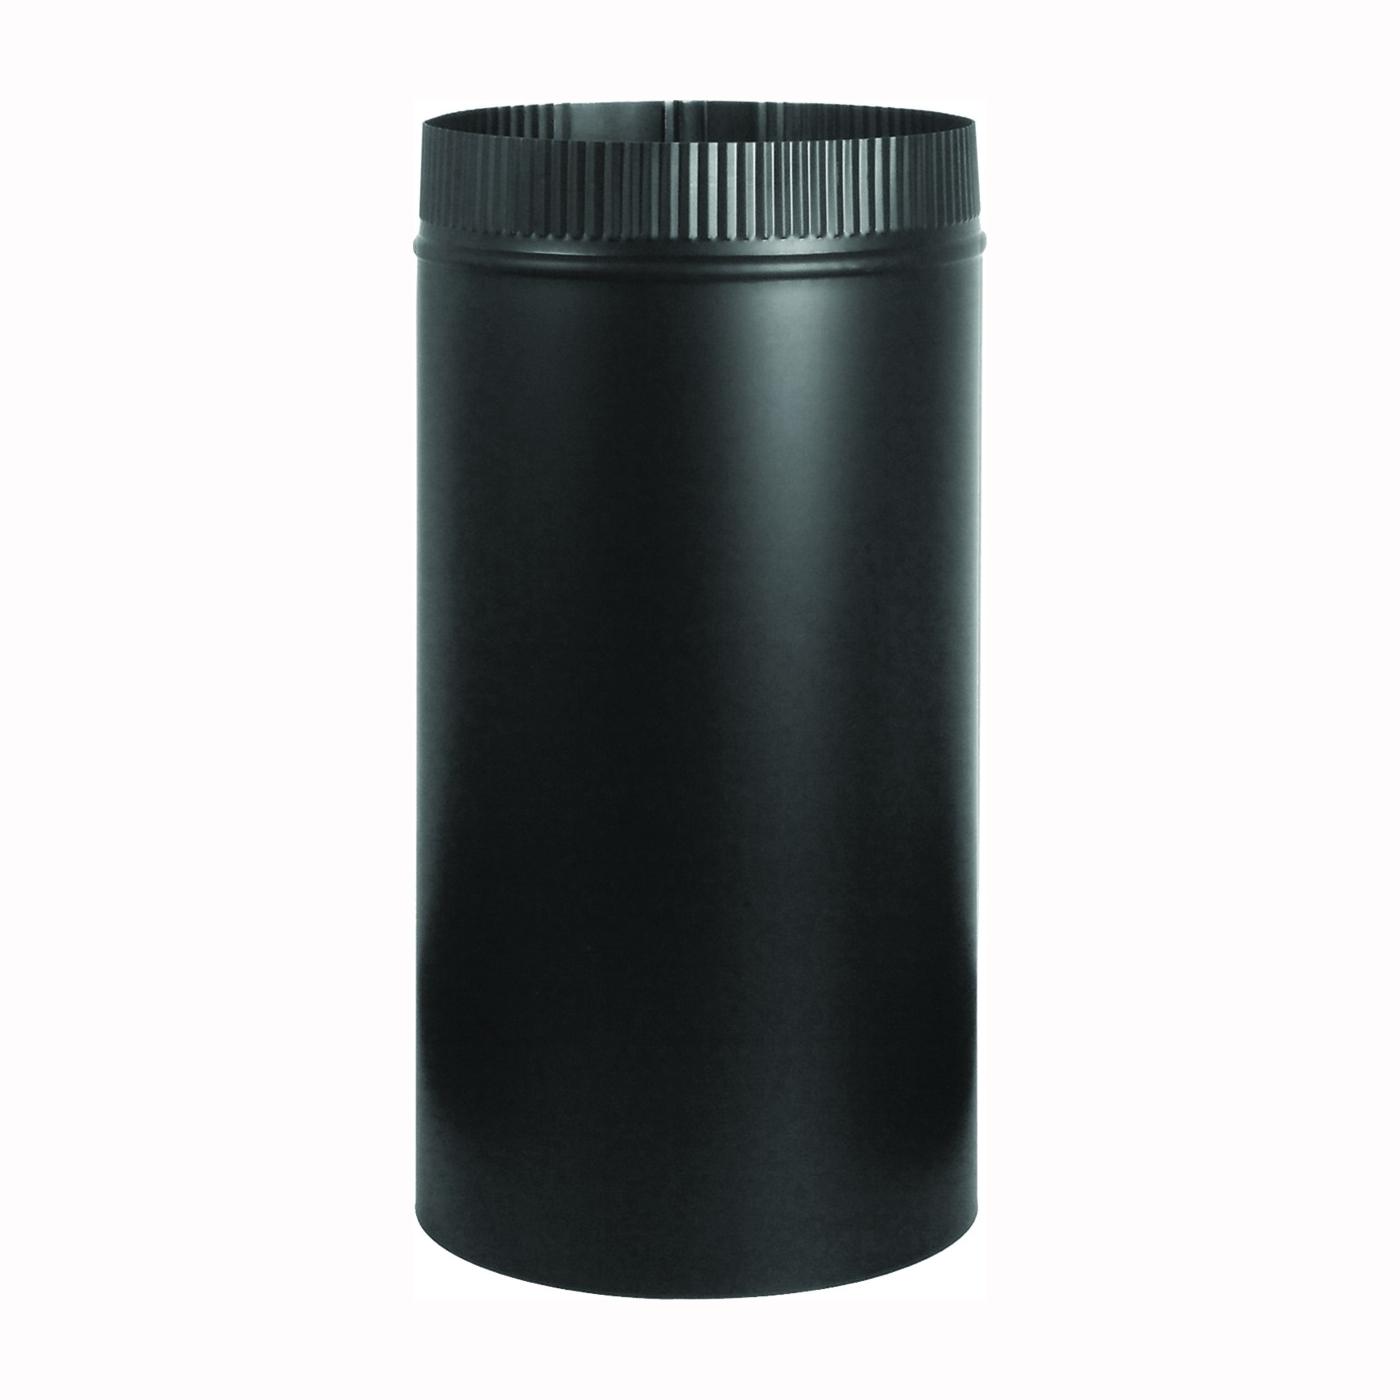 Picture of Imperial BM0102 Stove Pipe, 6 in Dia, 12 in L, Steel, Black